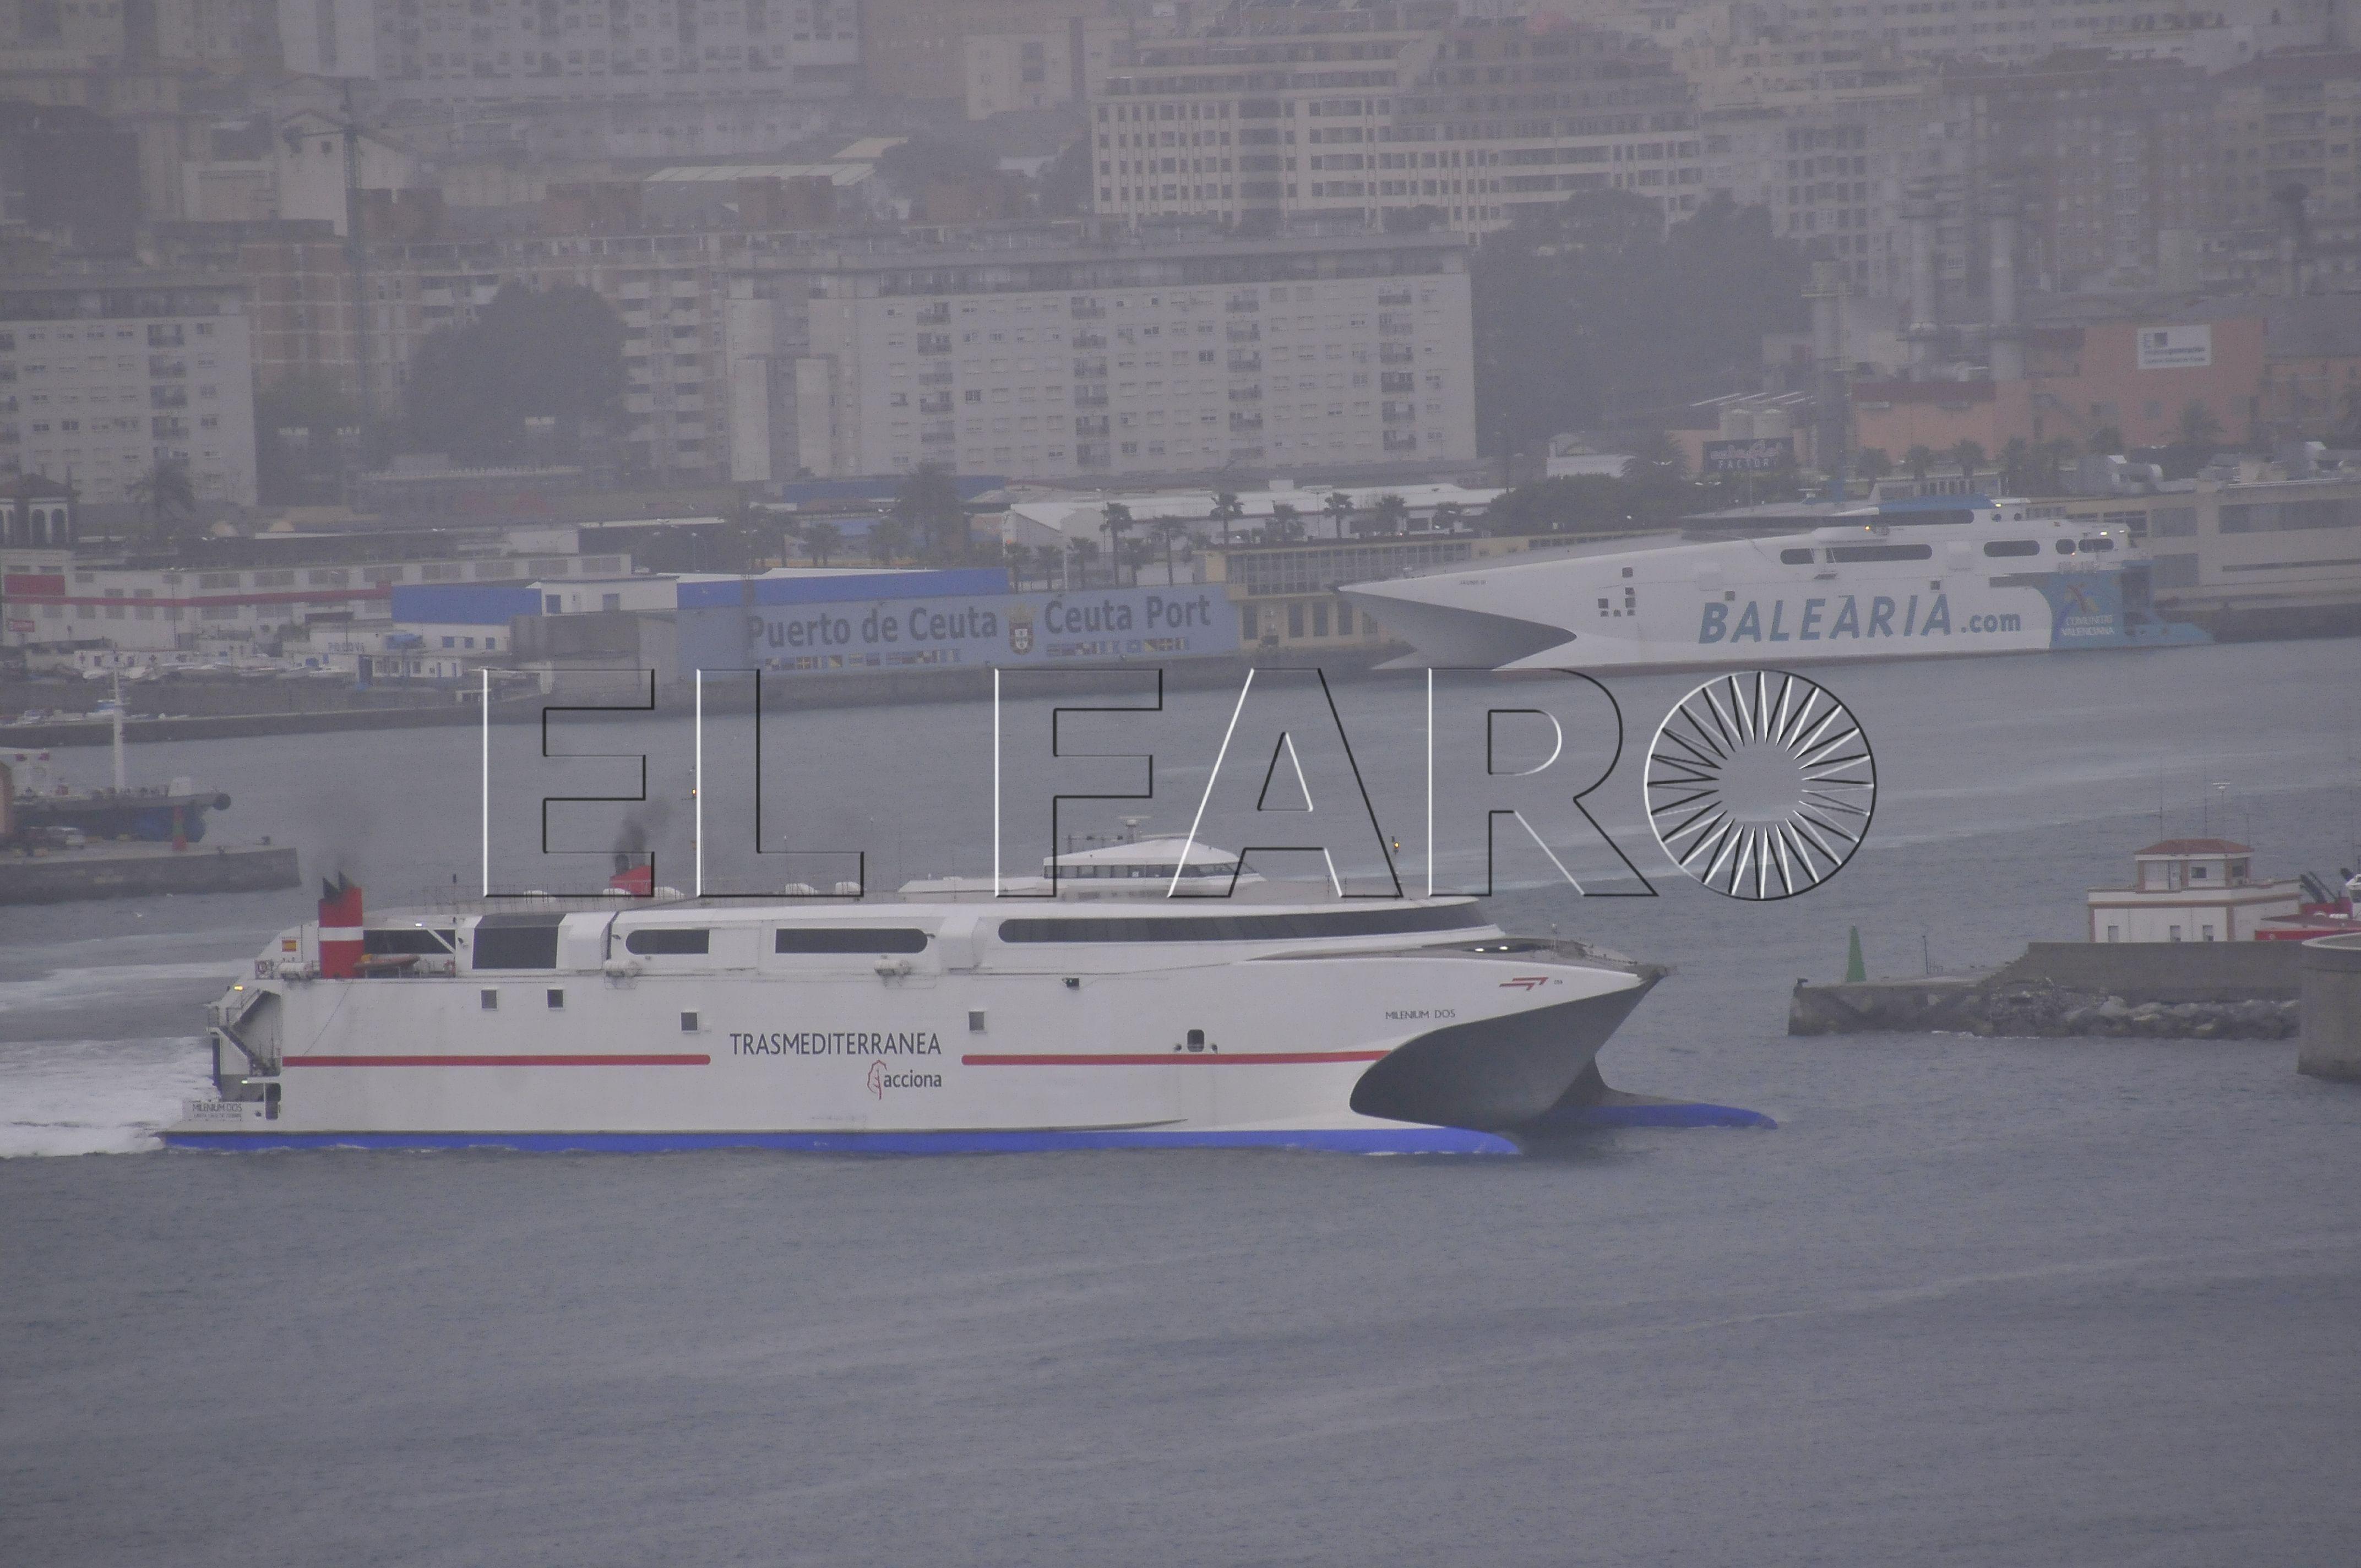 El Comité de Emergencia del Puerto anuncia la reanudación paulatina de los servicios marítimos mientras las rotaciones siguen suspendidas